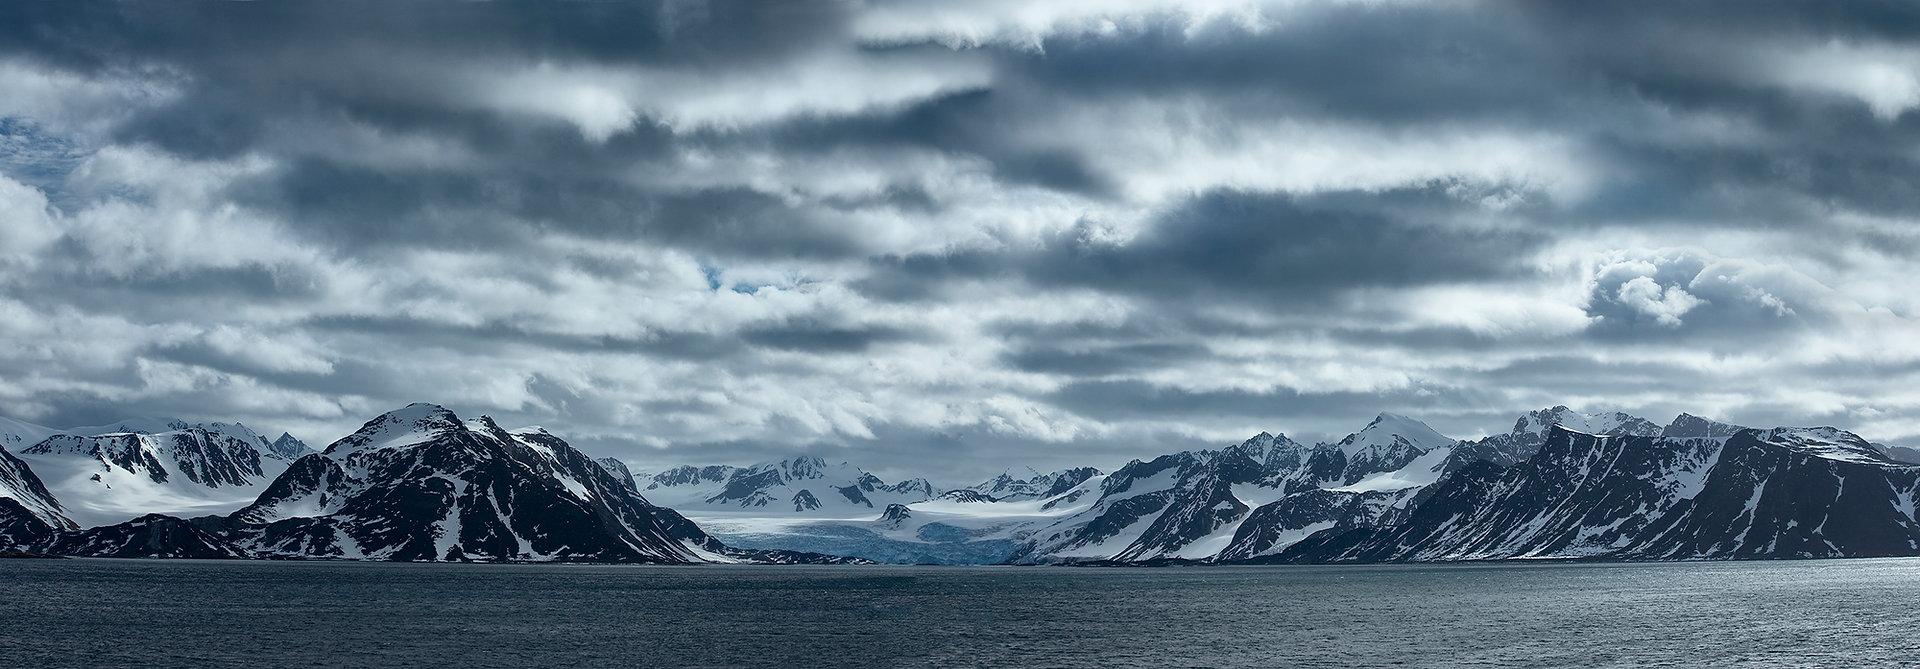 Arctic Light by Carla Regler.jpg